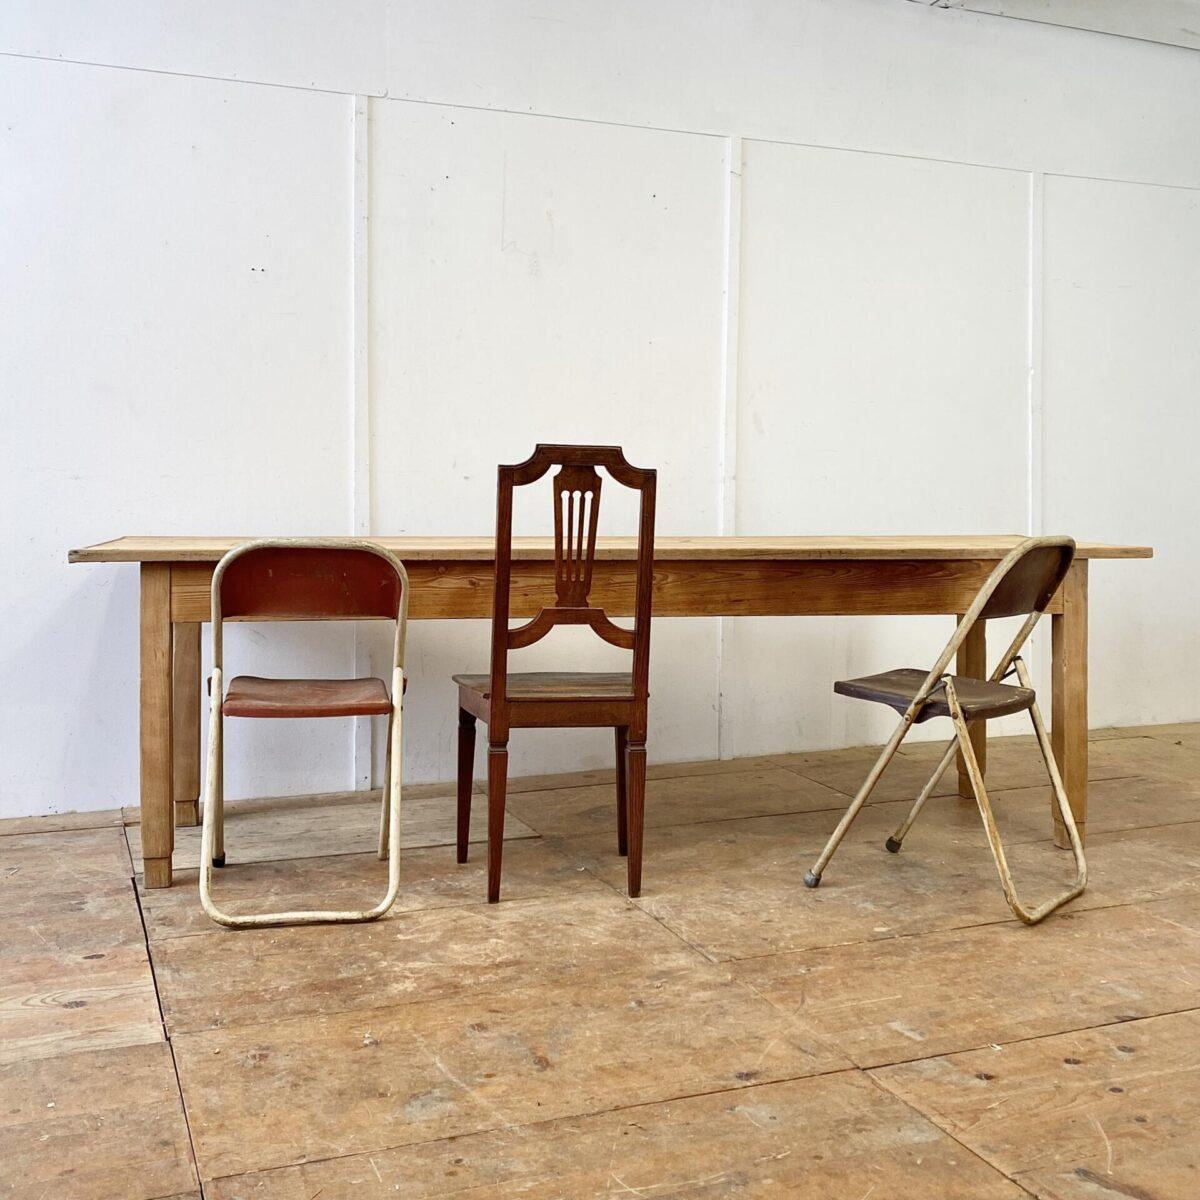 Langer Esstisch aus Tannenholz. 260x71cm Höhe 76cm Beinfreiheit 59.5cm. Stämmige Beine und die verlebte Tischplatte geben dem Tisch eine Werkstatt mässige Ausstrahlung. Trotzdem hat er, durch die Länge, eine gewisse Eleganz. Das Tischblatt mit diversen Rissen und Wurmlöchern, hat eine feine Holzumrandung. Alles in stabilem teilweise frisch verleimten Zustand.